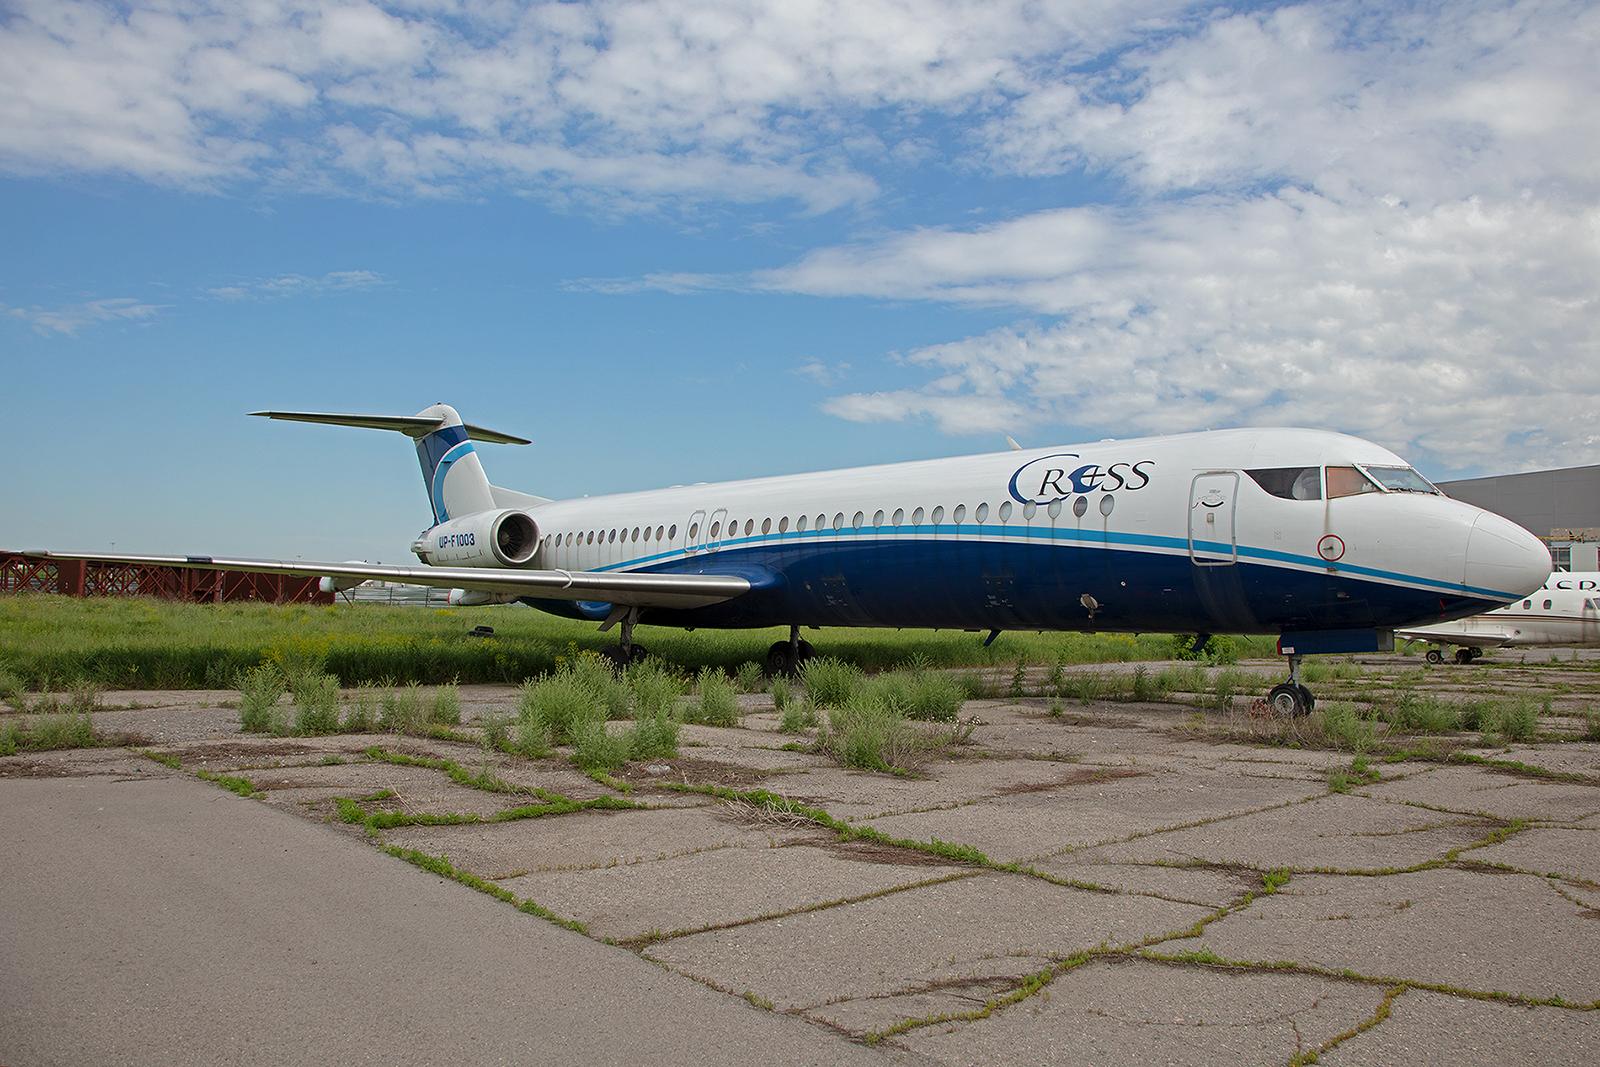 Die Caspiy Air war eine Airline, die innerhalb Kasachstans Firmencharter anbot.